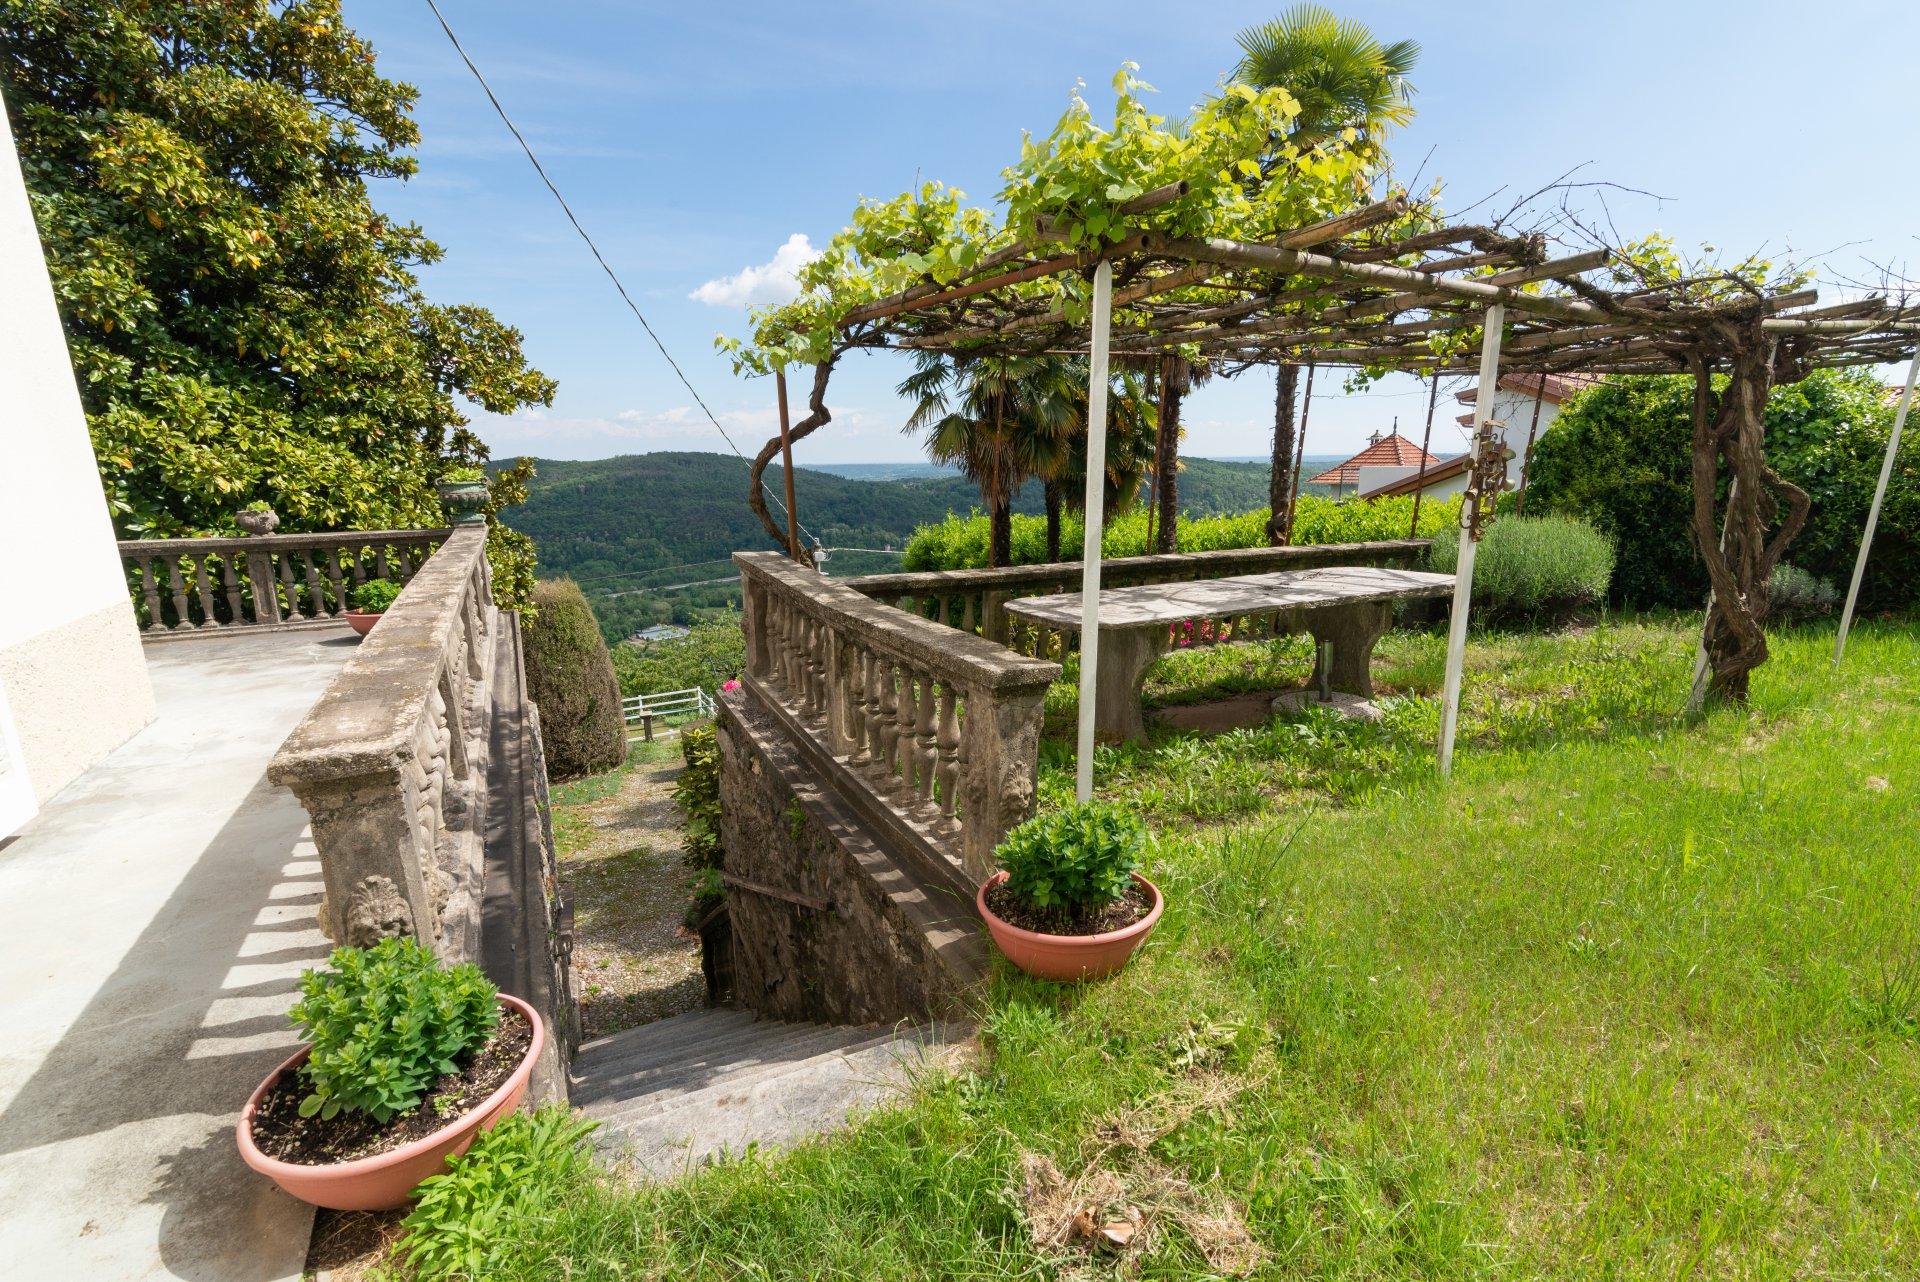 Proprietà storica in vendita al Lago Maggiore- scalinata nel giardino